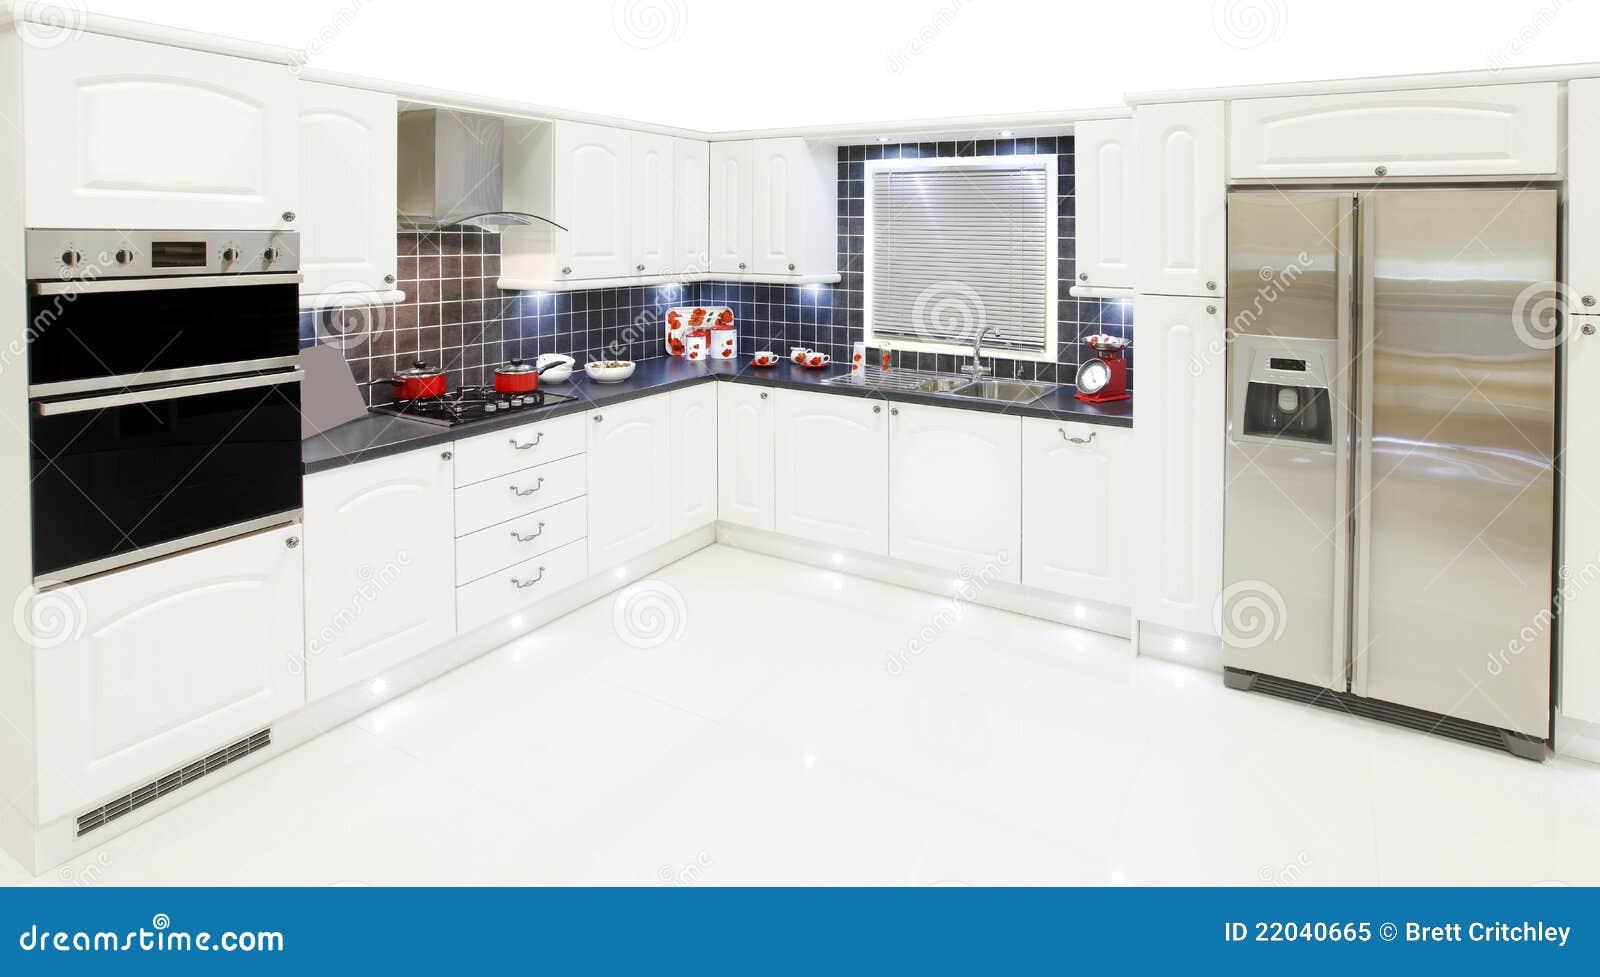 Neue weiße Küche stockbild. Bild von weiß, maßeinheiten - 22040665